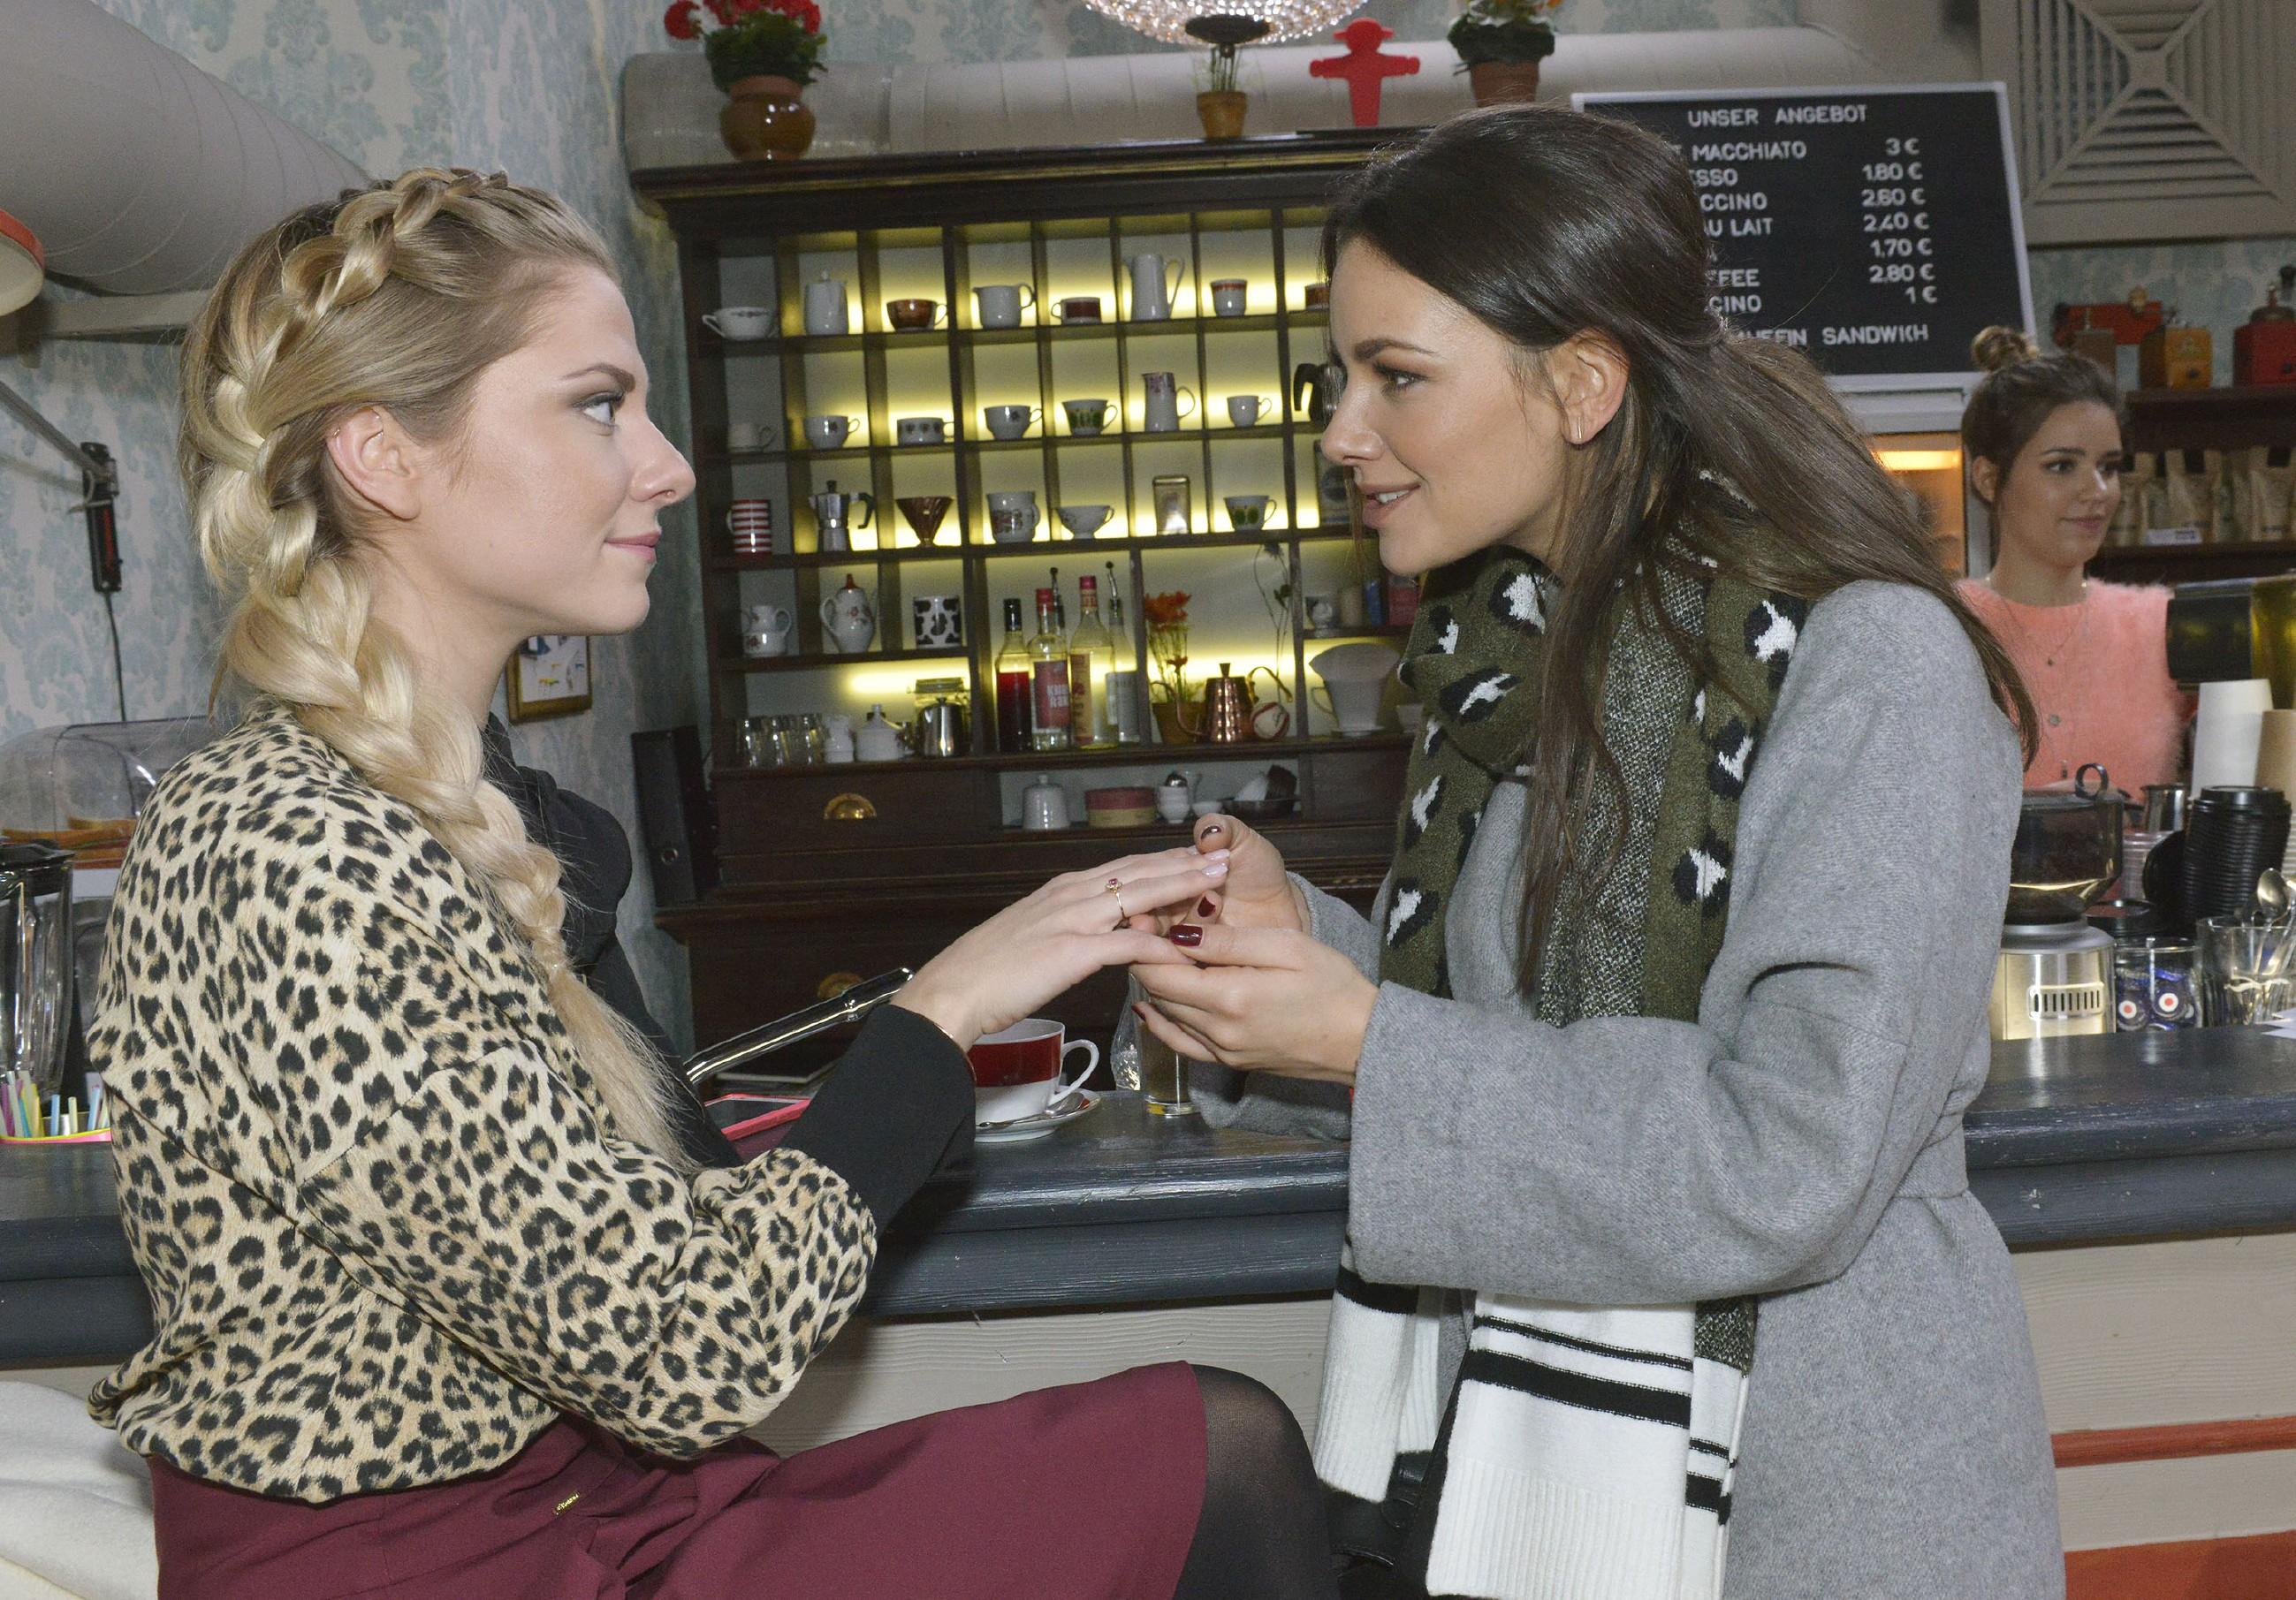 Jasmin (Janina Uhse, r.) bewundert Sunnys (Valentina Pahde) Verlobungsring, spürt jedoch auch deren Verunsicherung, was die Heiratspläne angeht. (Quelle: RTL / Rolf Baumgartner)